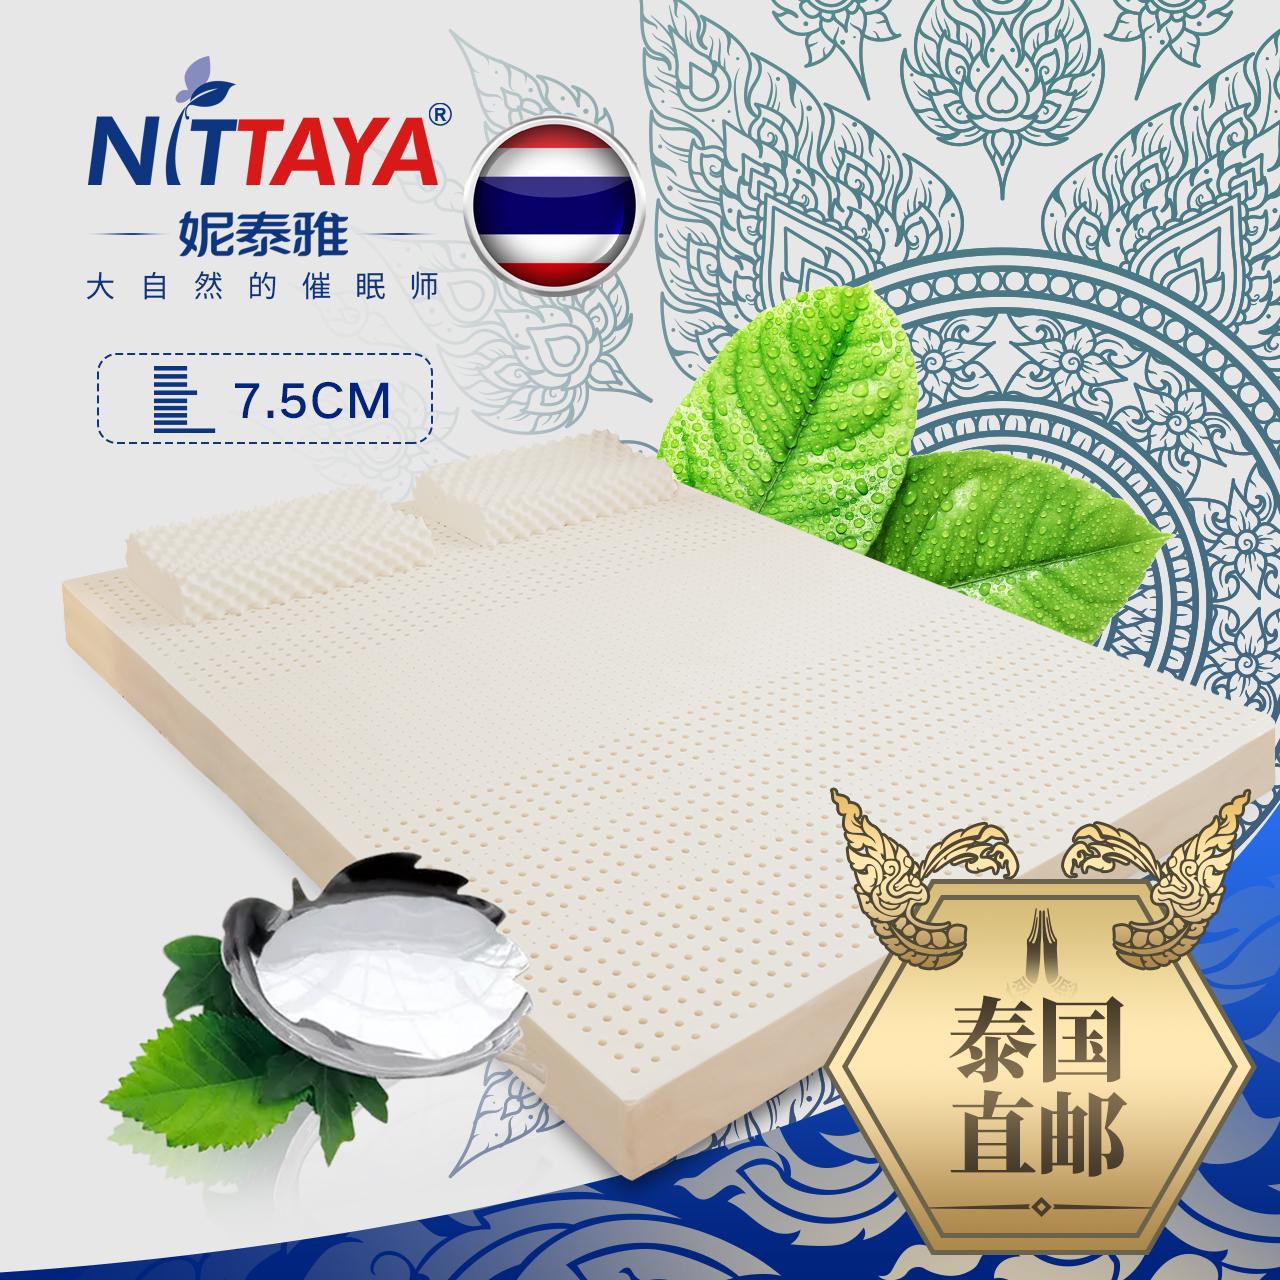 Nittaya妮泰雅泰国原装进口正品天然乳胶床垫双人床褥+厚度7.5CM0